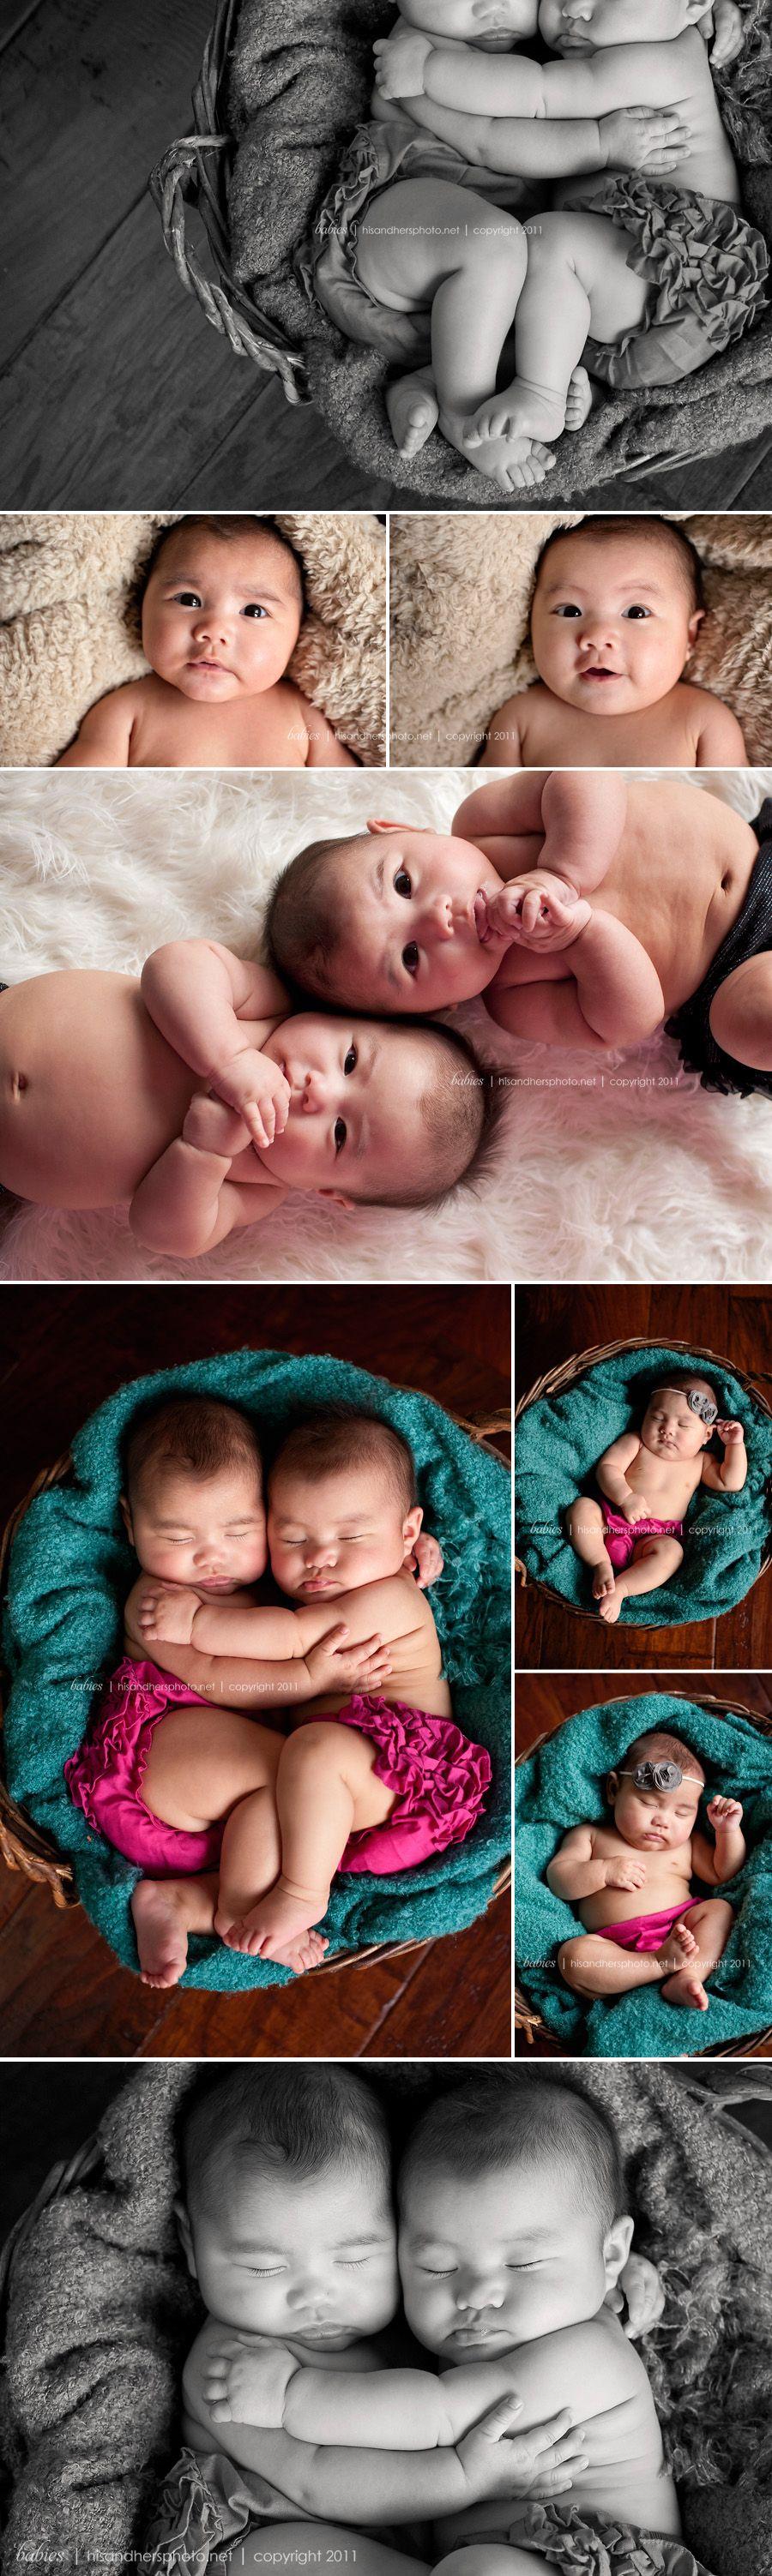 Ava & Ella, 3 month old twins   Des Moines Iowa Baby & Children's Photographer